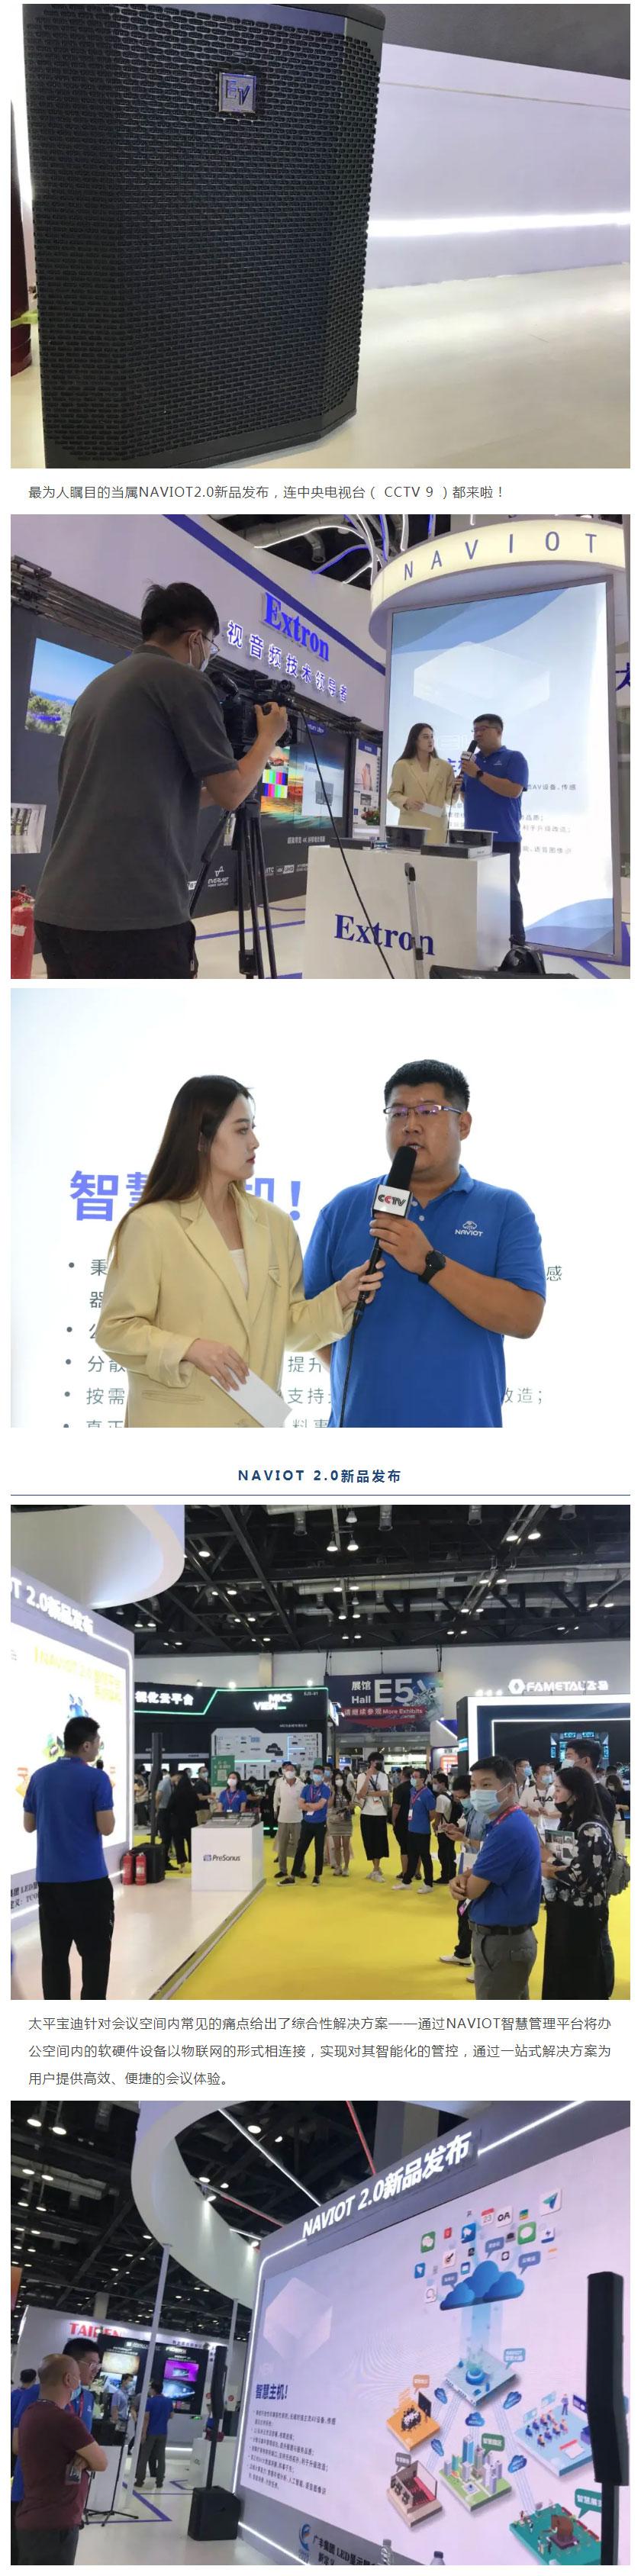 北京InfoComm展会-_-太平宝迪NAVIOT-2_02.jpg